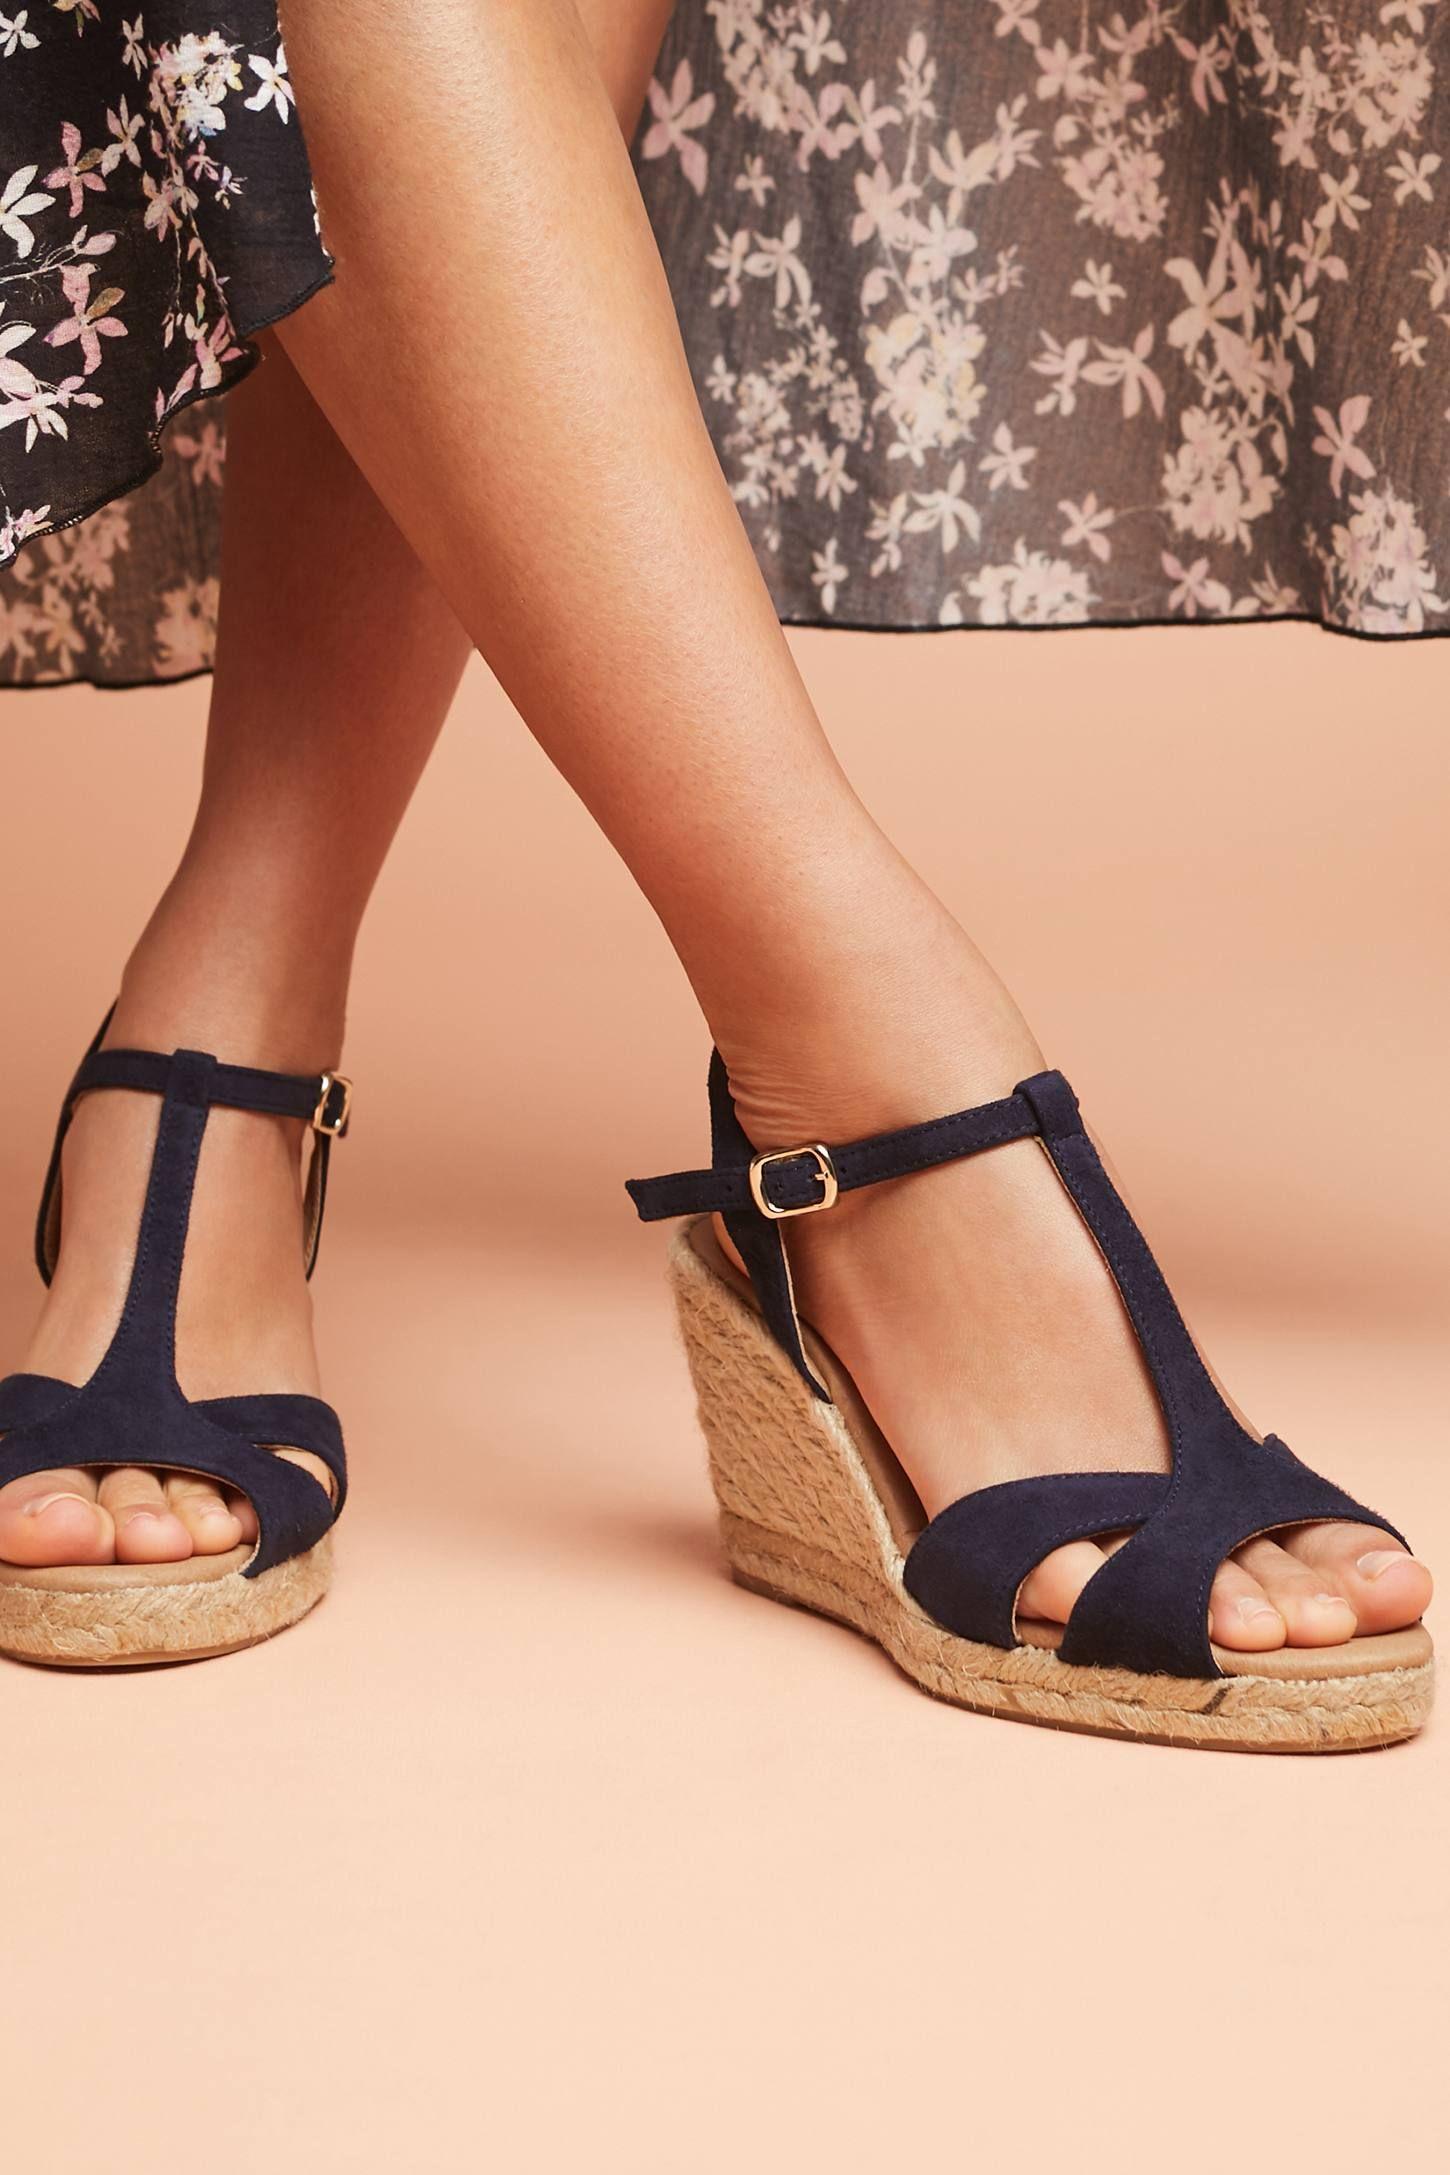 Anthropologie Suede T-Strap Wedge Sandals | Anthropologie ...